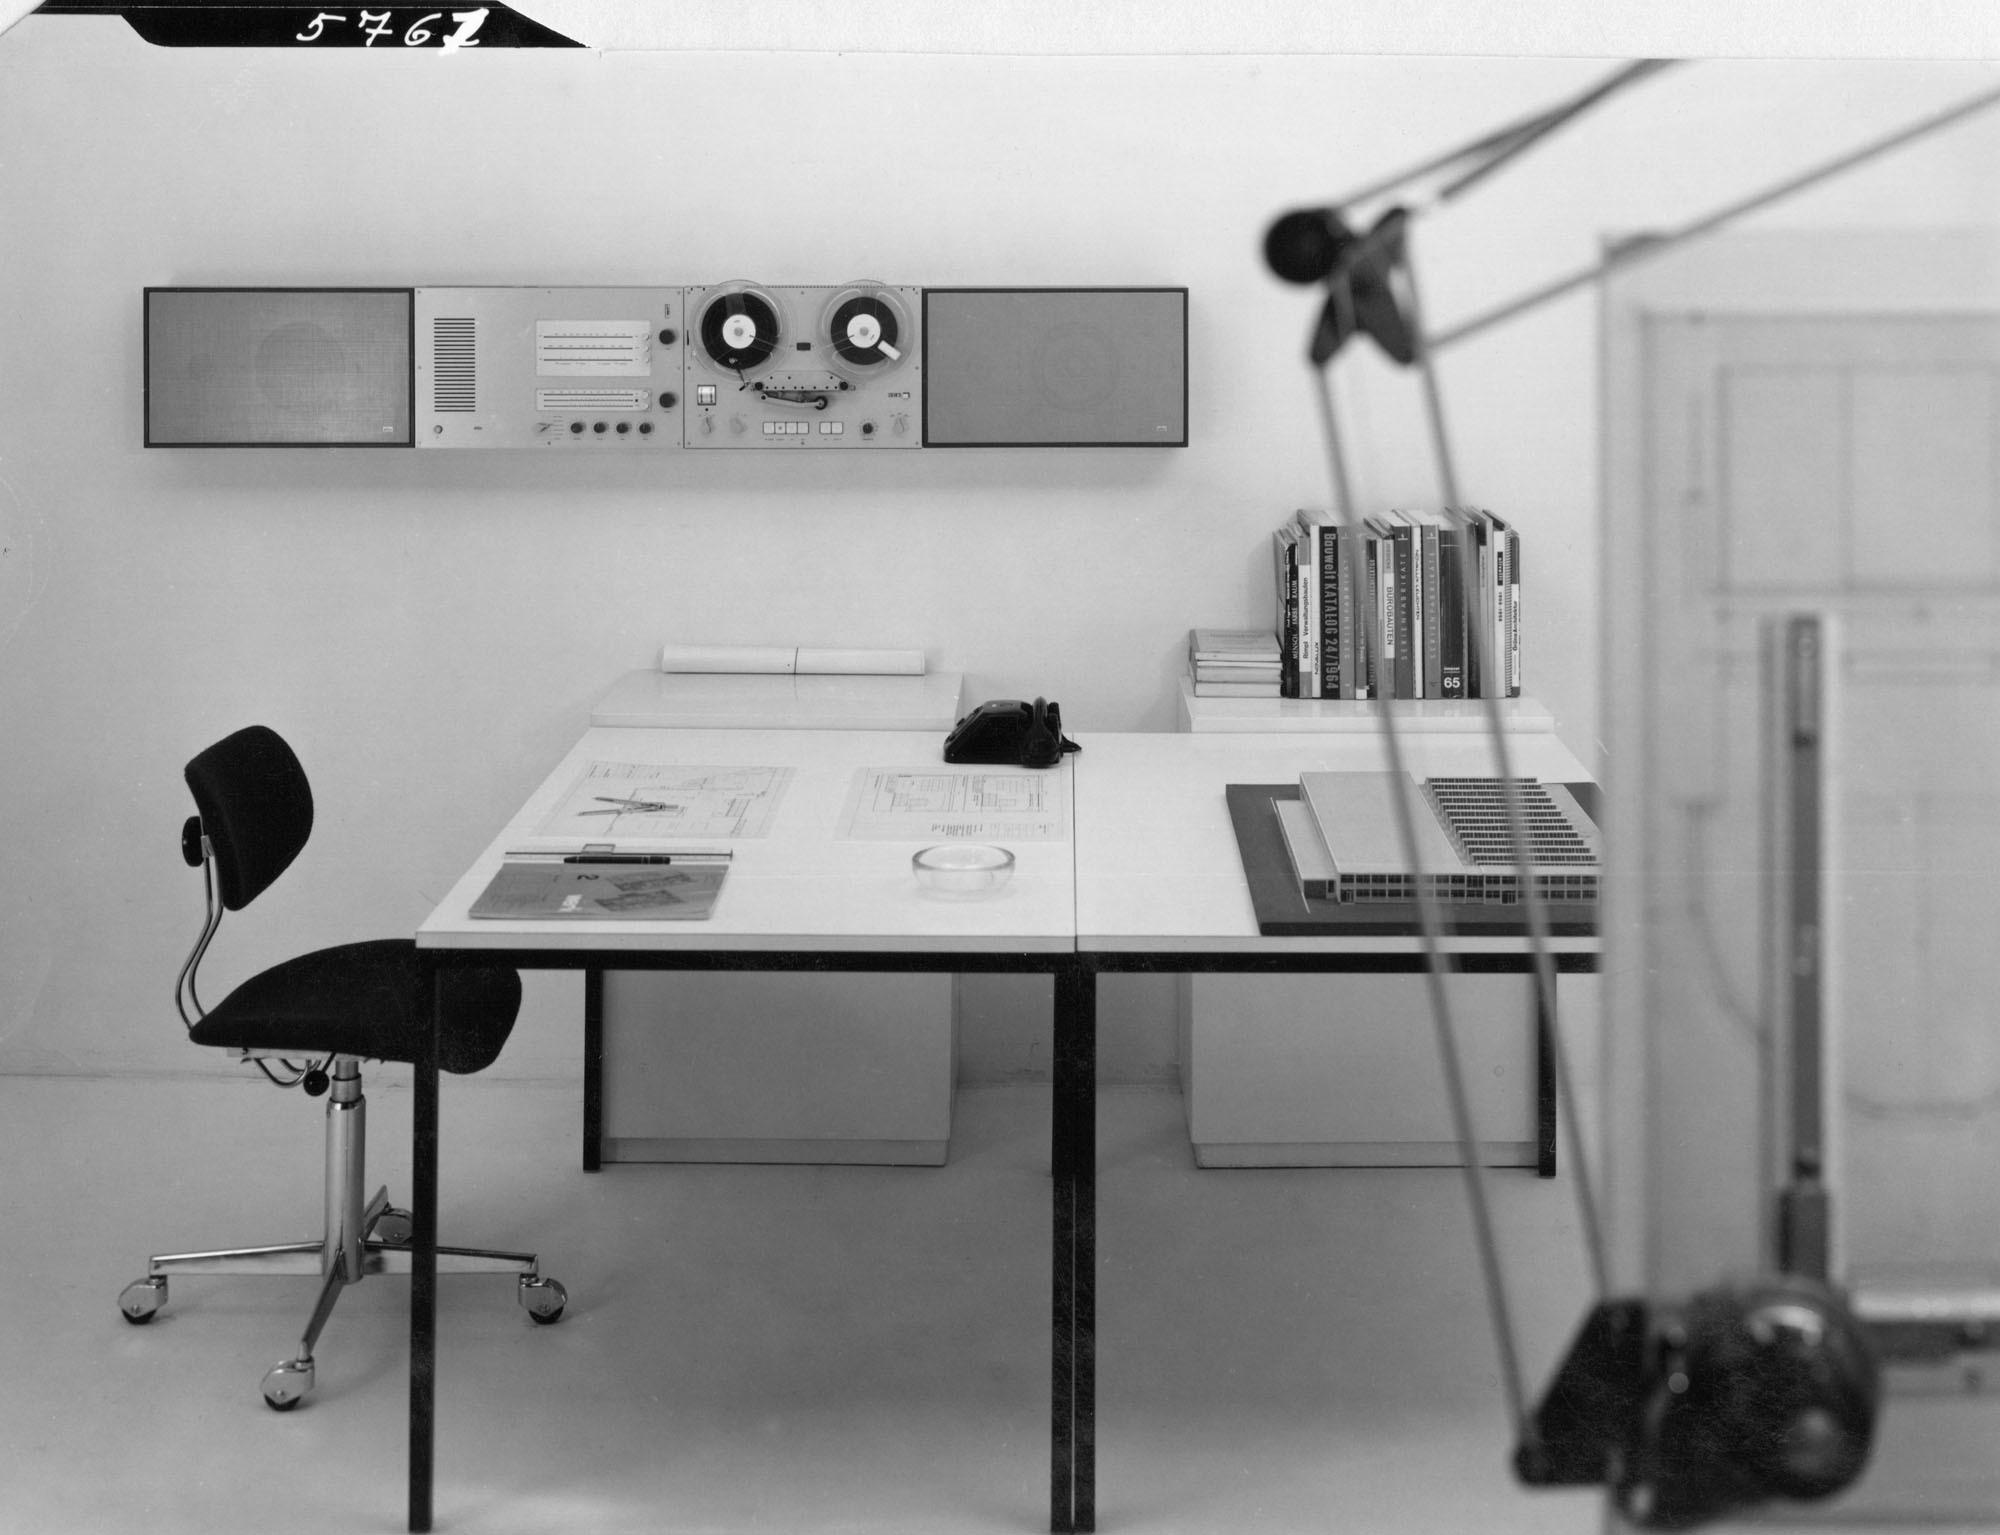 Originale Wandanlage Hifi System (1965) von Dieter Rams für Braun. Foto: Braun